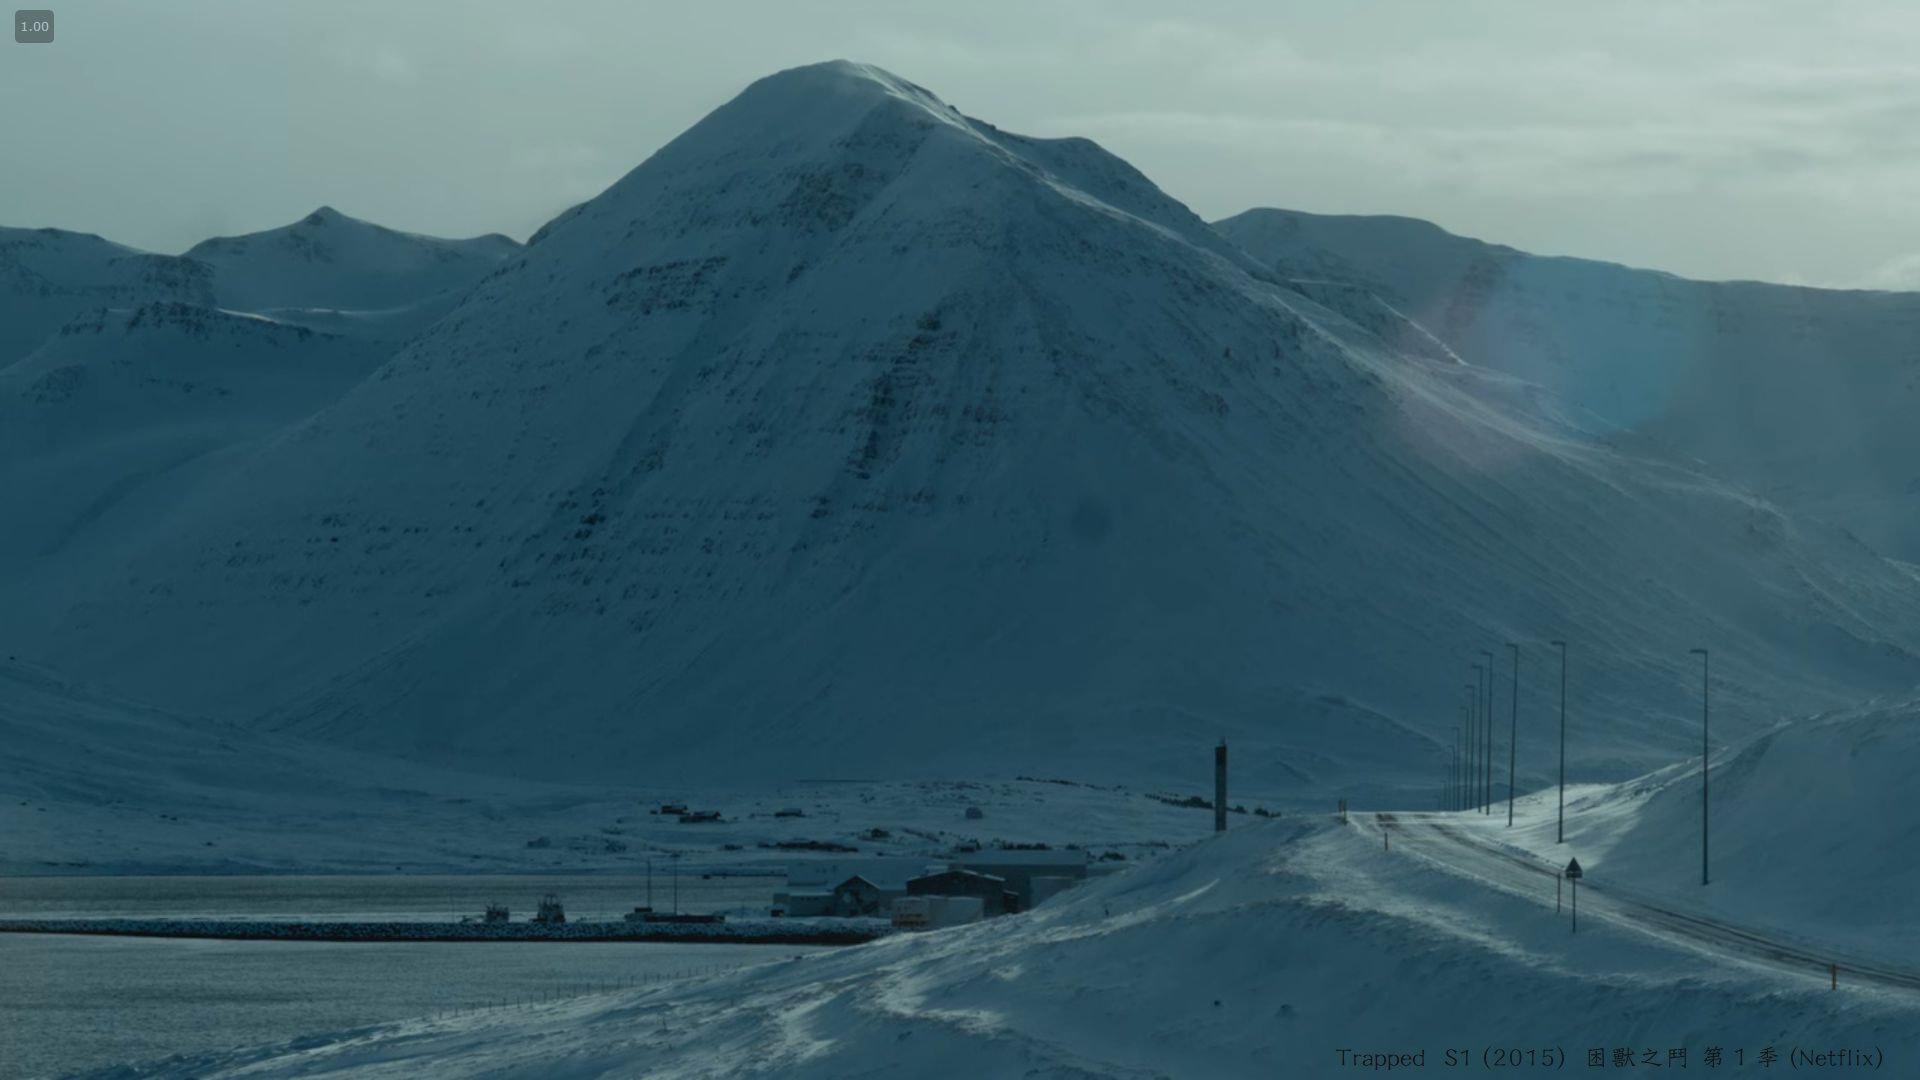 [冰島影集] Trapped 困獸之鬥 (2015, Netflix)-122---.jpg